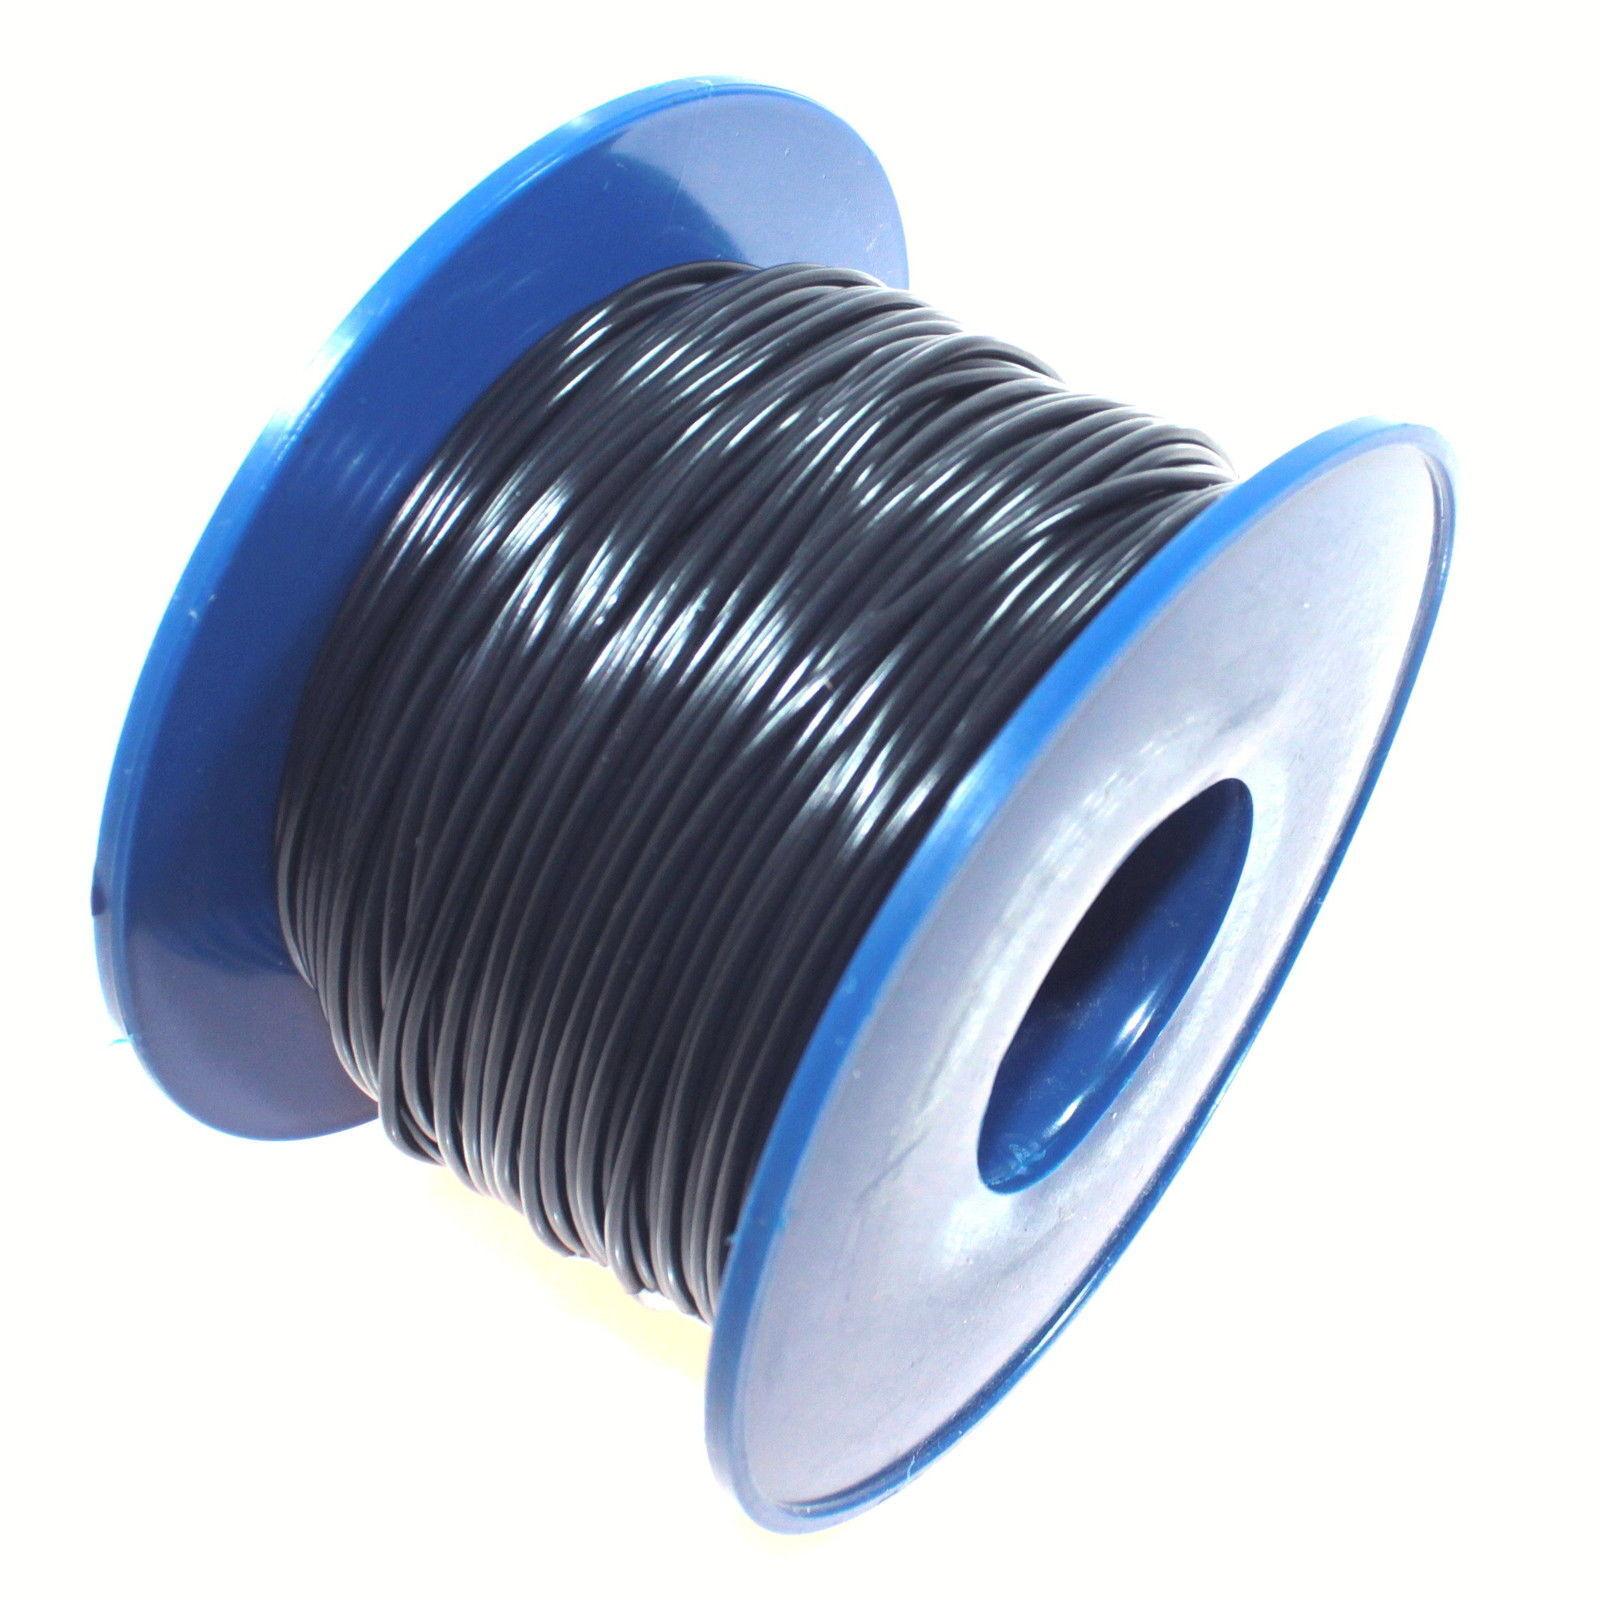 KFZ Kabel Leitung FLRy 1,0mm² 100m schwarz Fahrzeug Auto LKW Stromkabel FLy